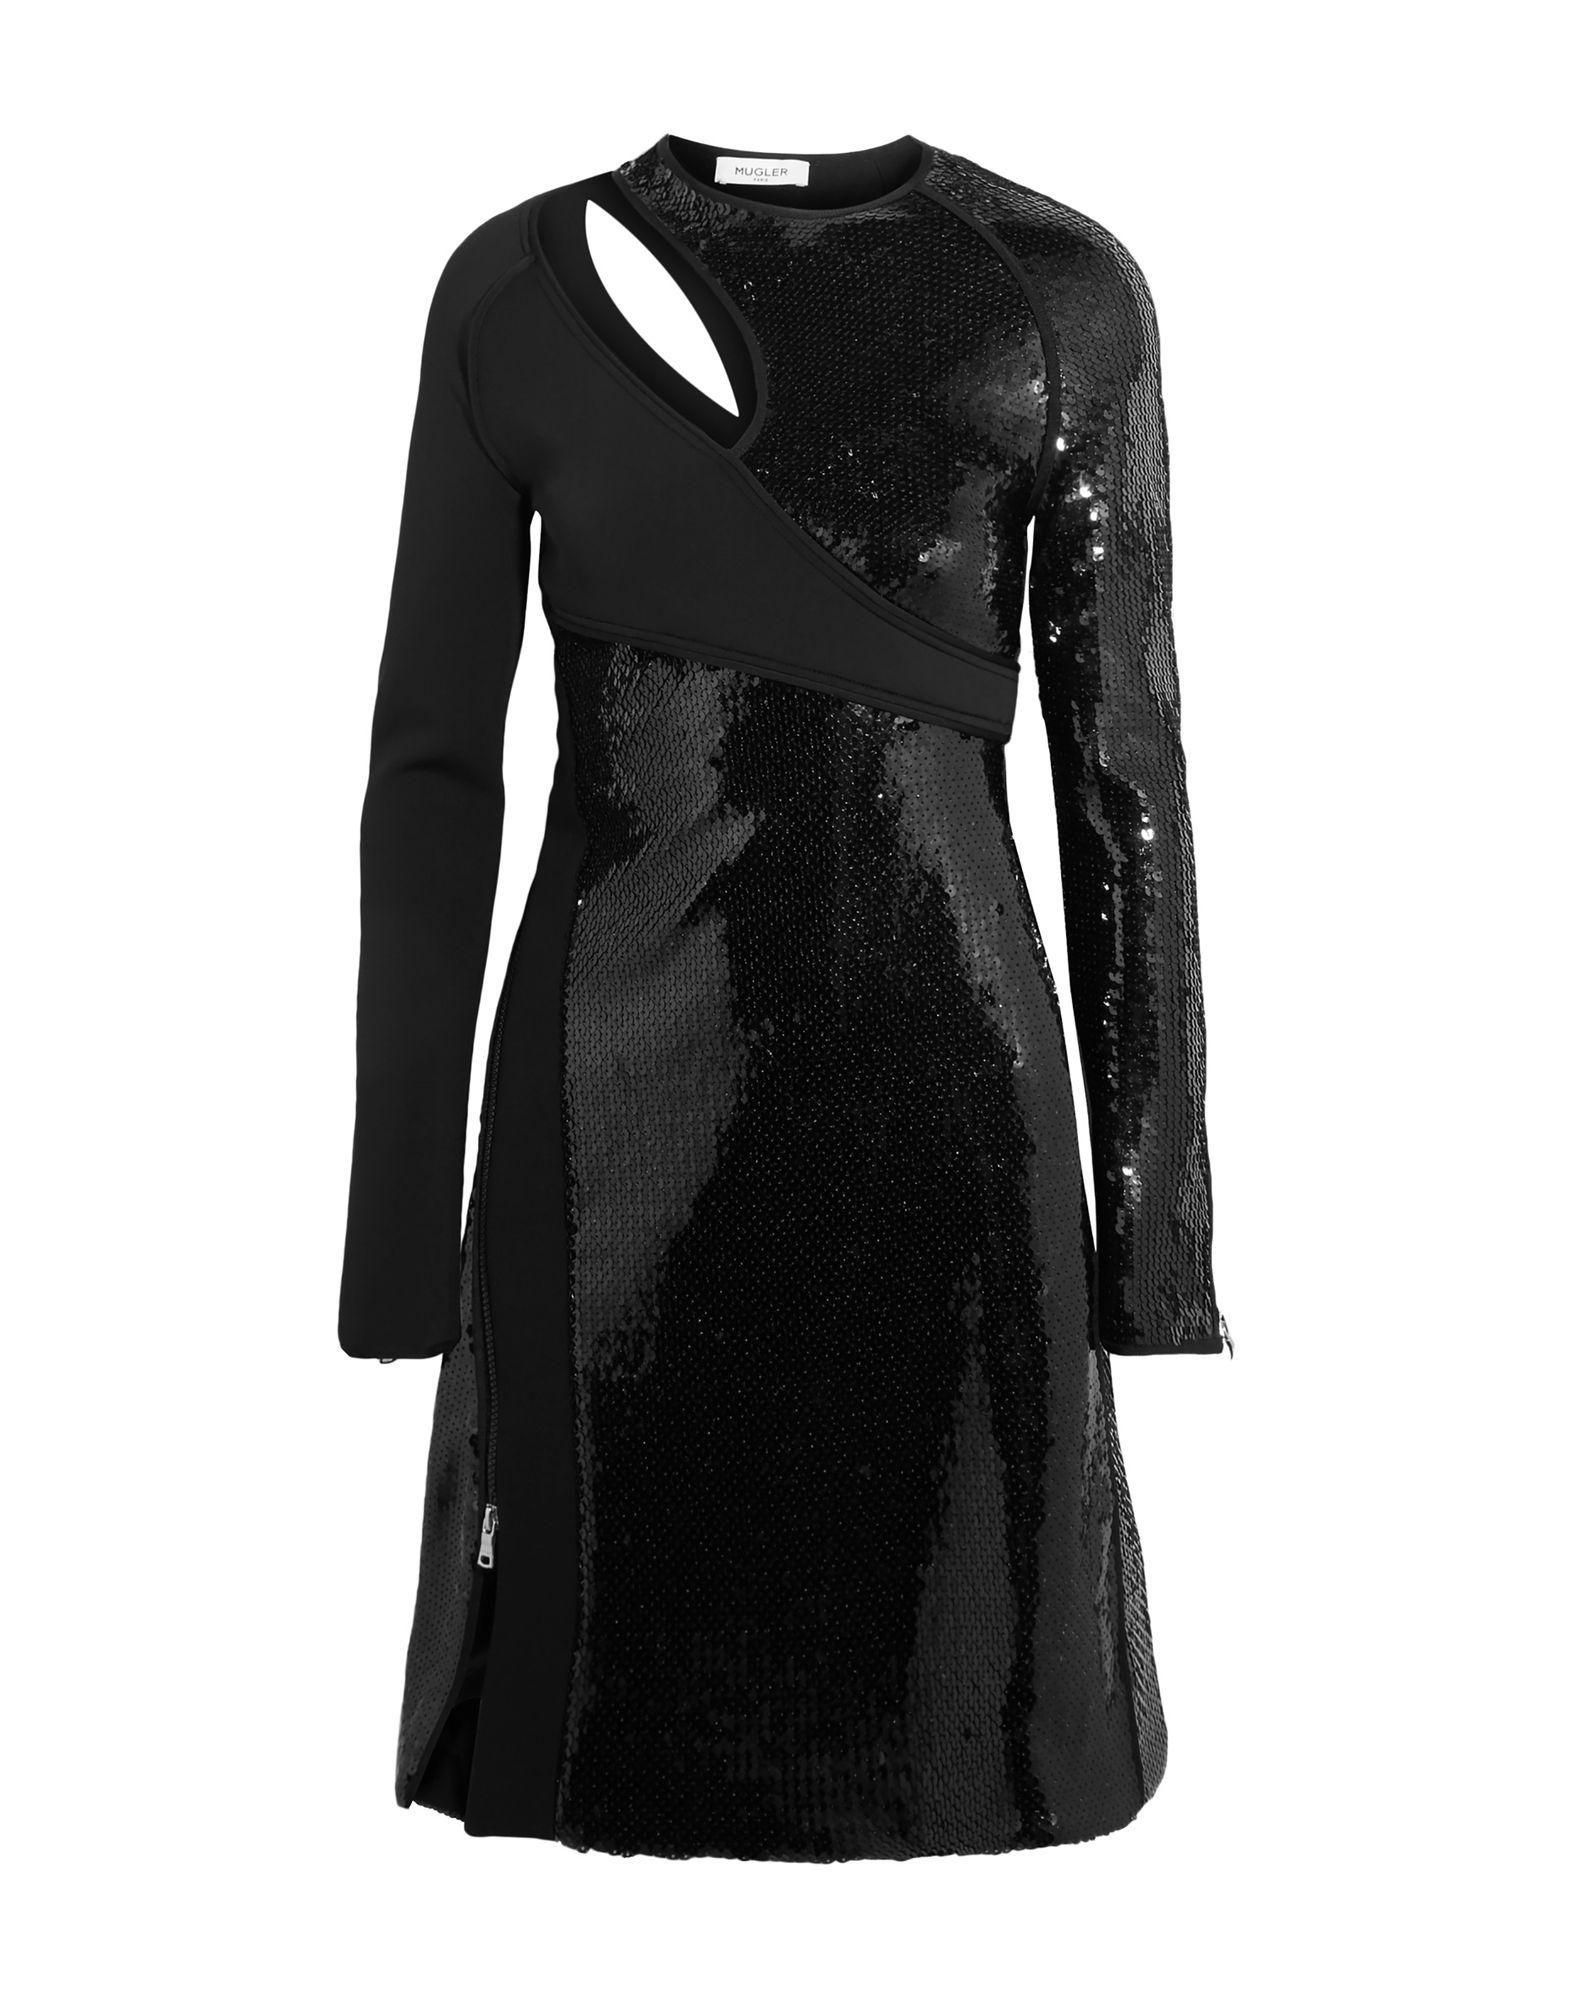 MUGLER Короткое платье platinor platinor 91750 517